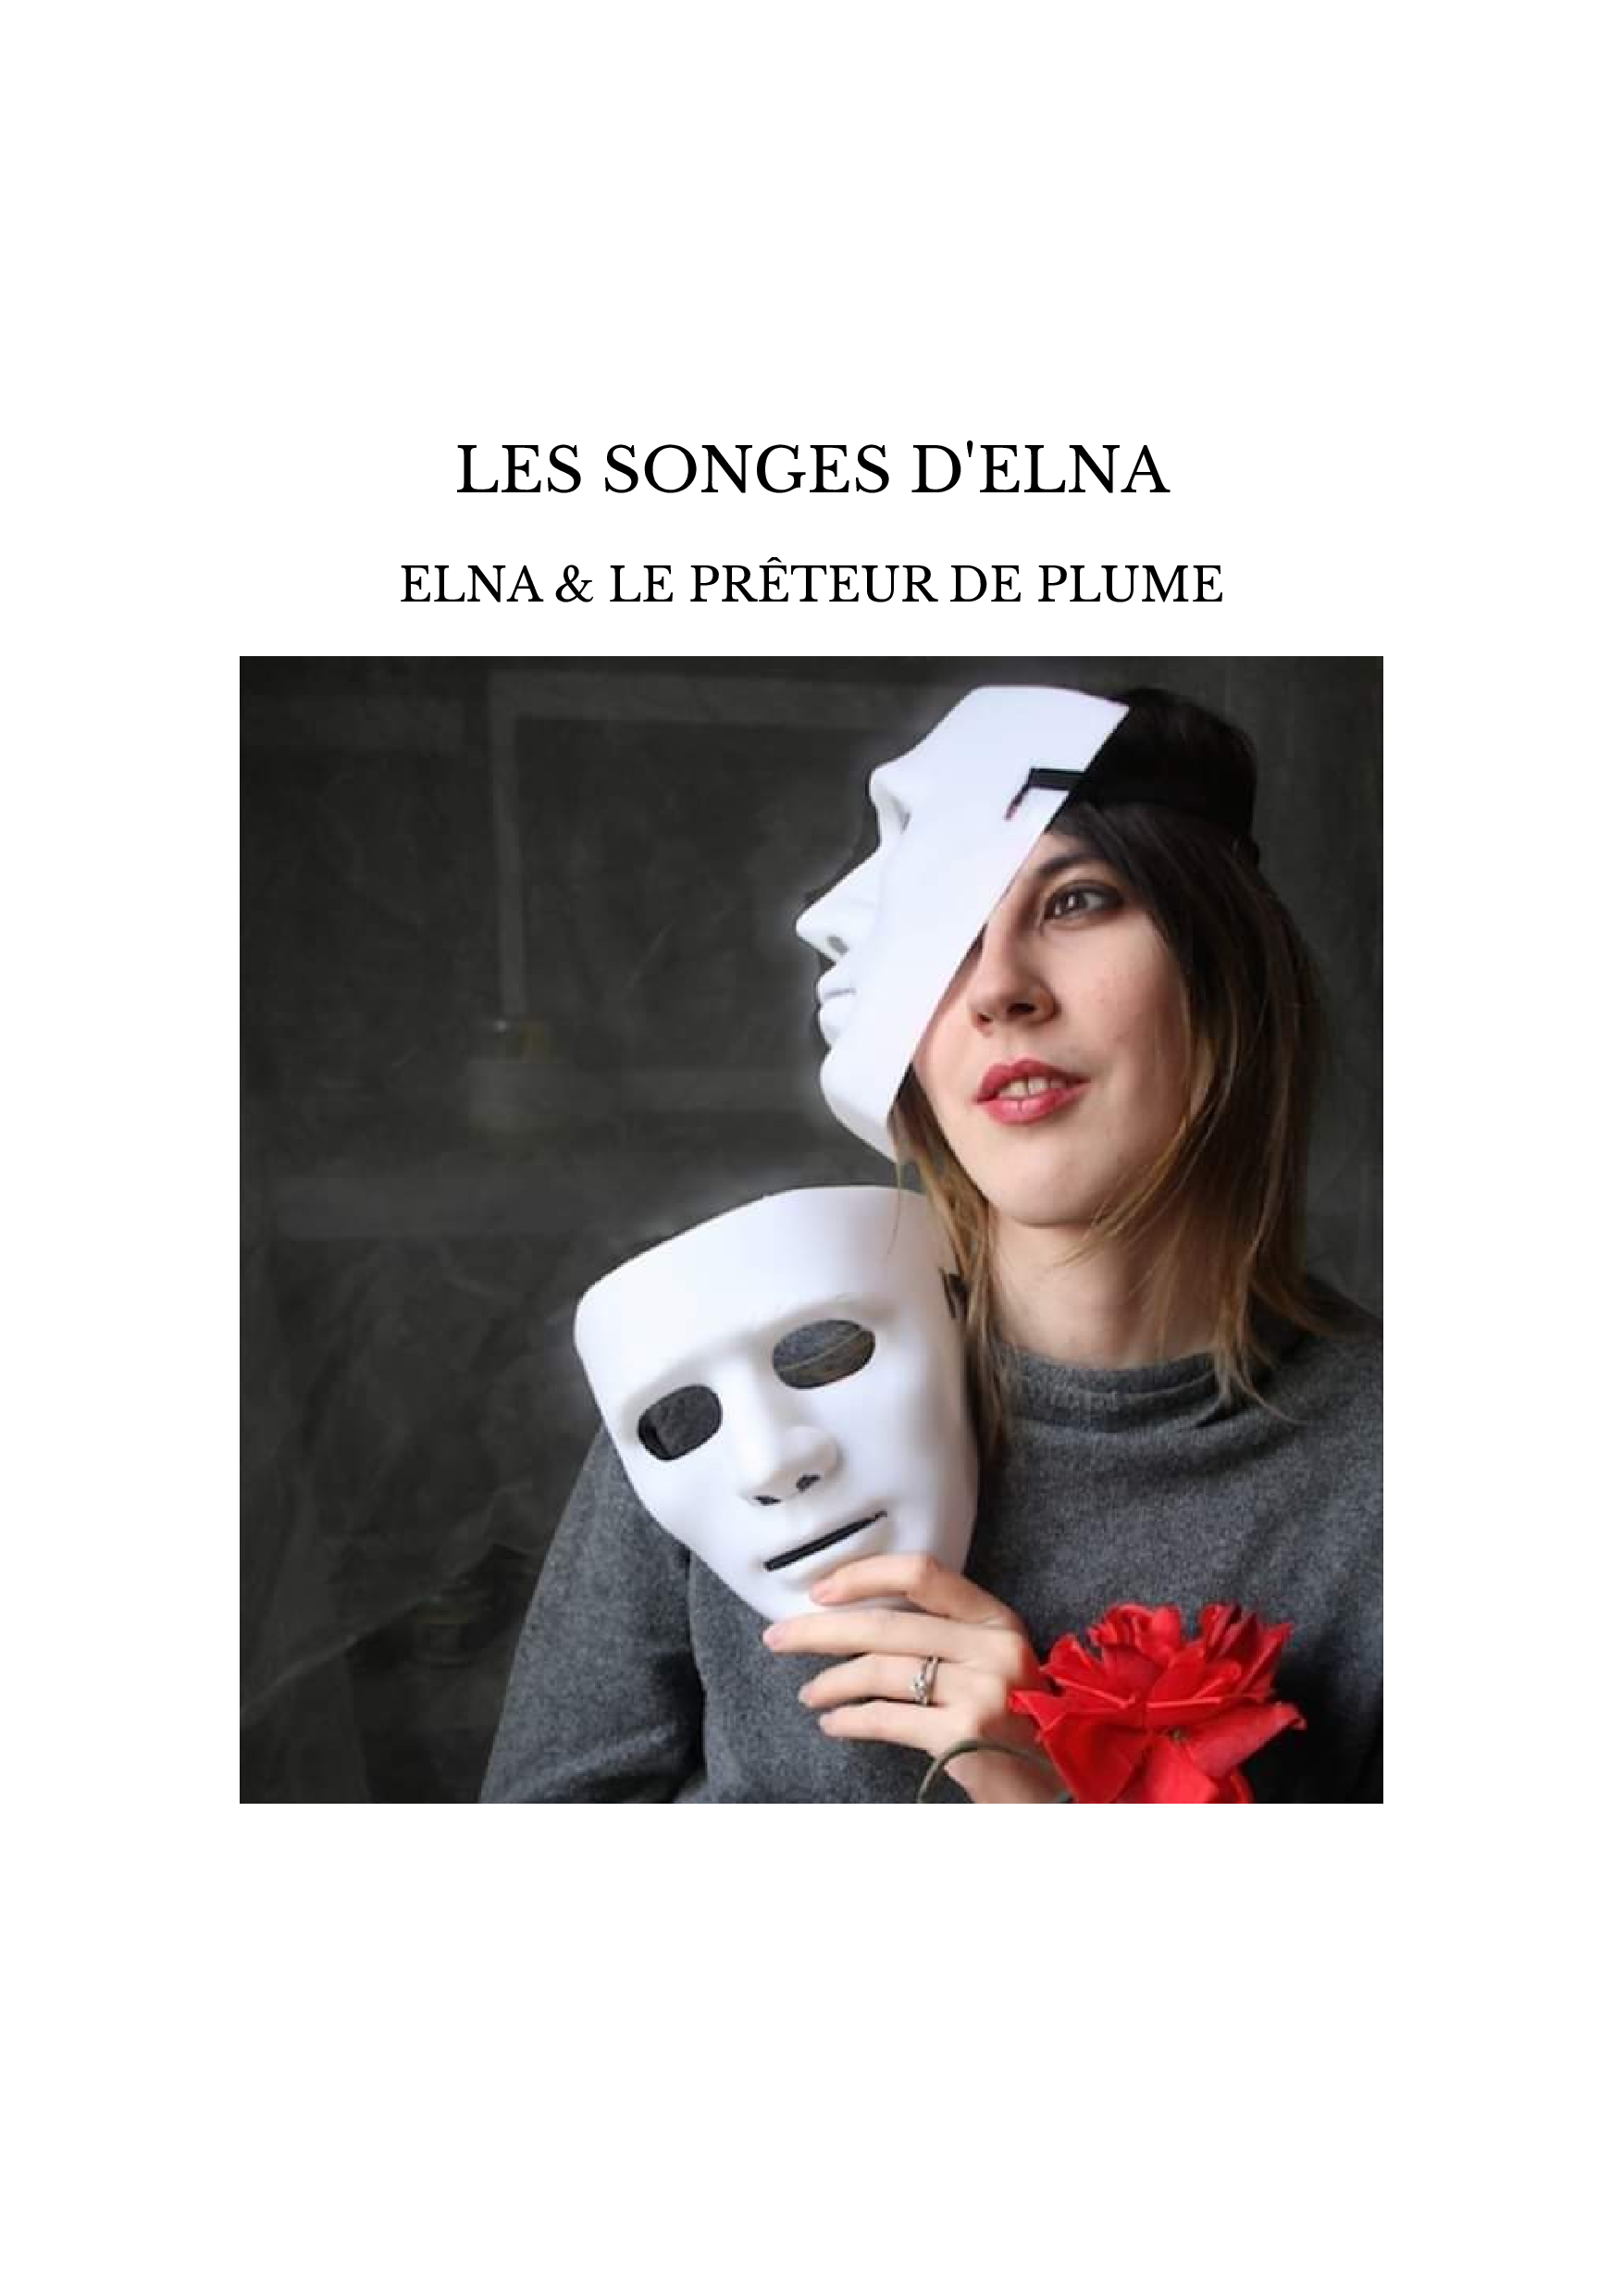 LES SONGES D'ELNA